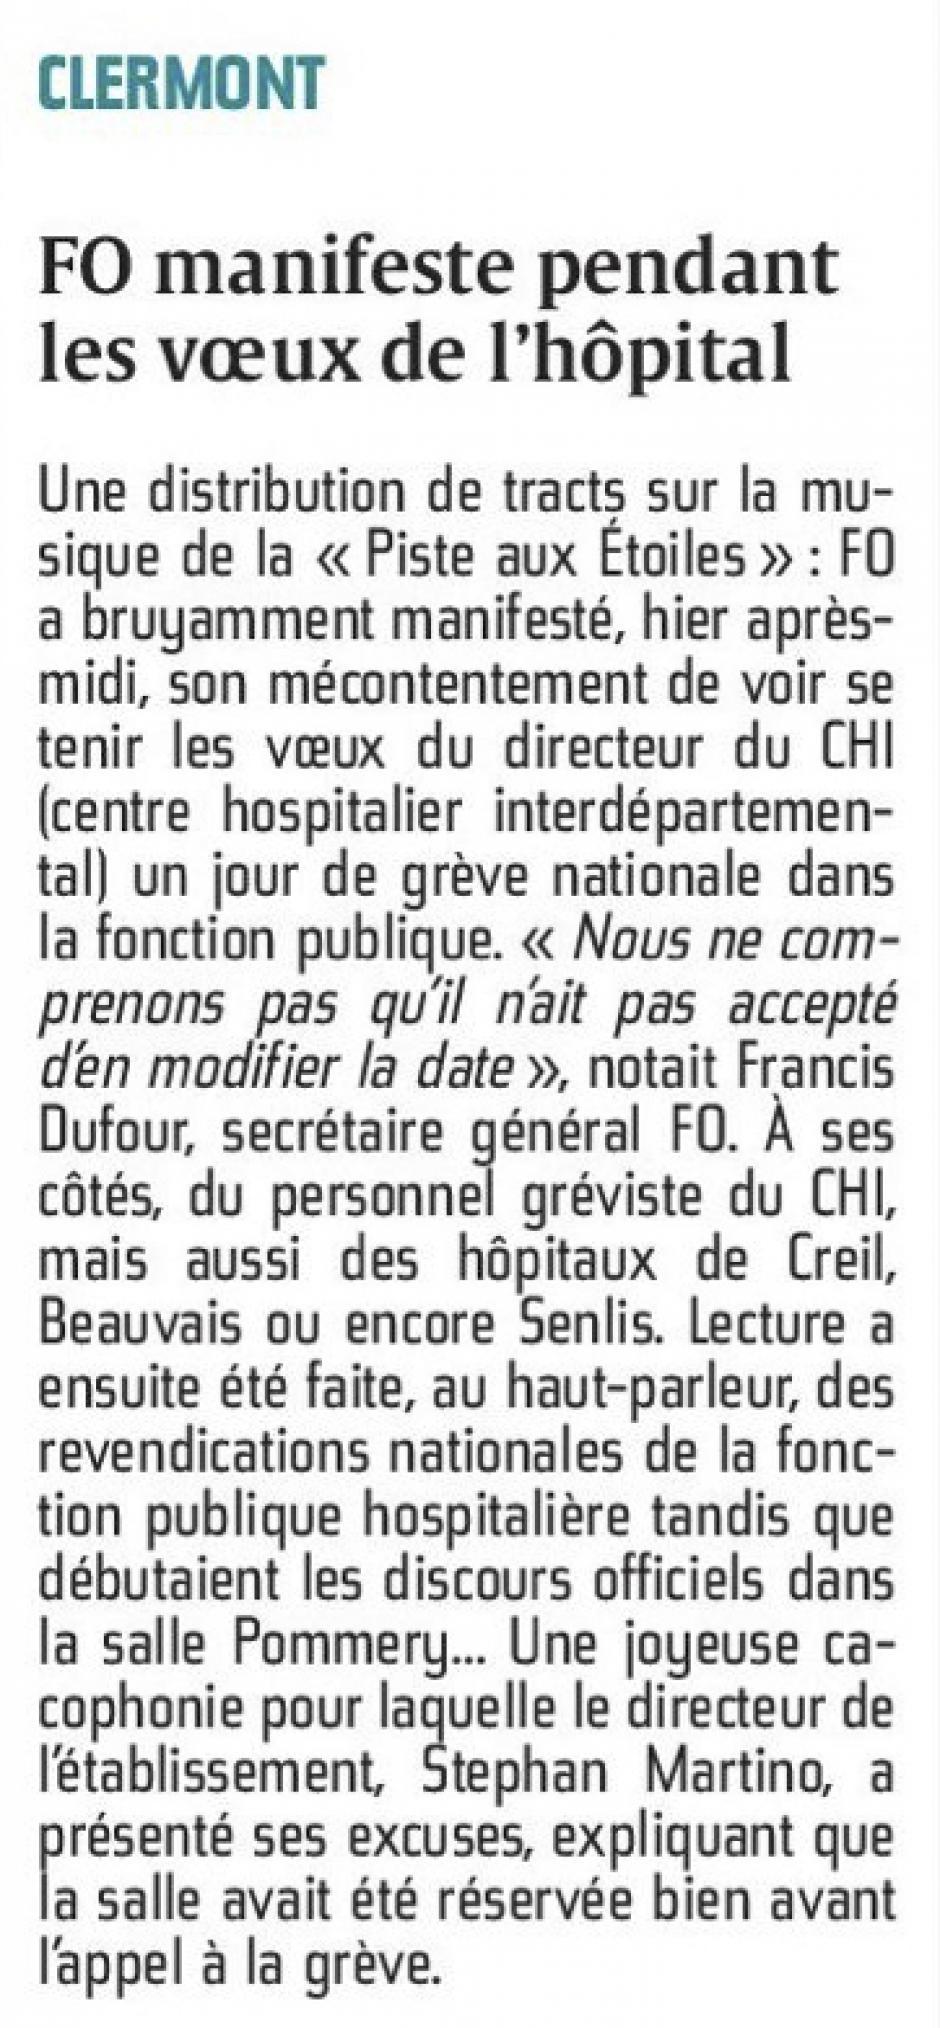 20160127-CP-Clermont-FO manifeste pendant les vœux de l'hôpital